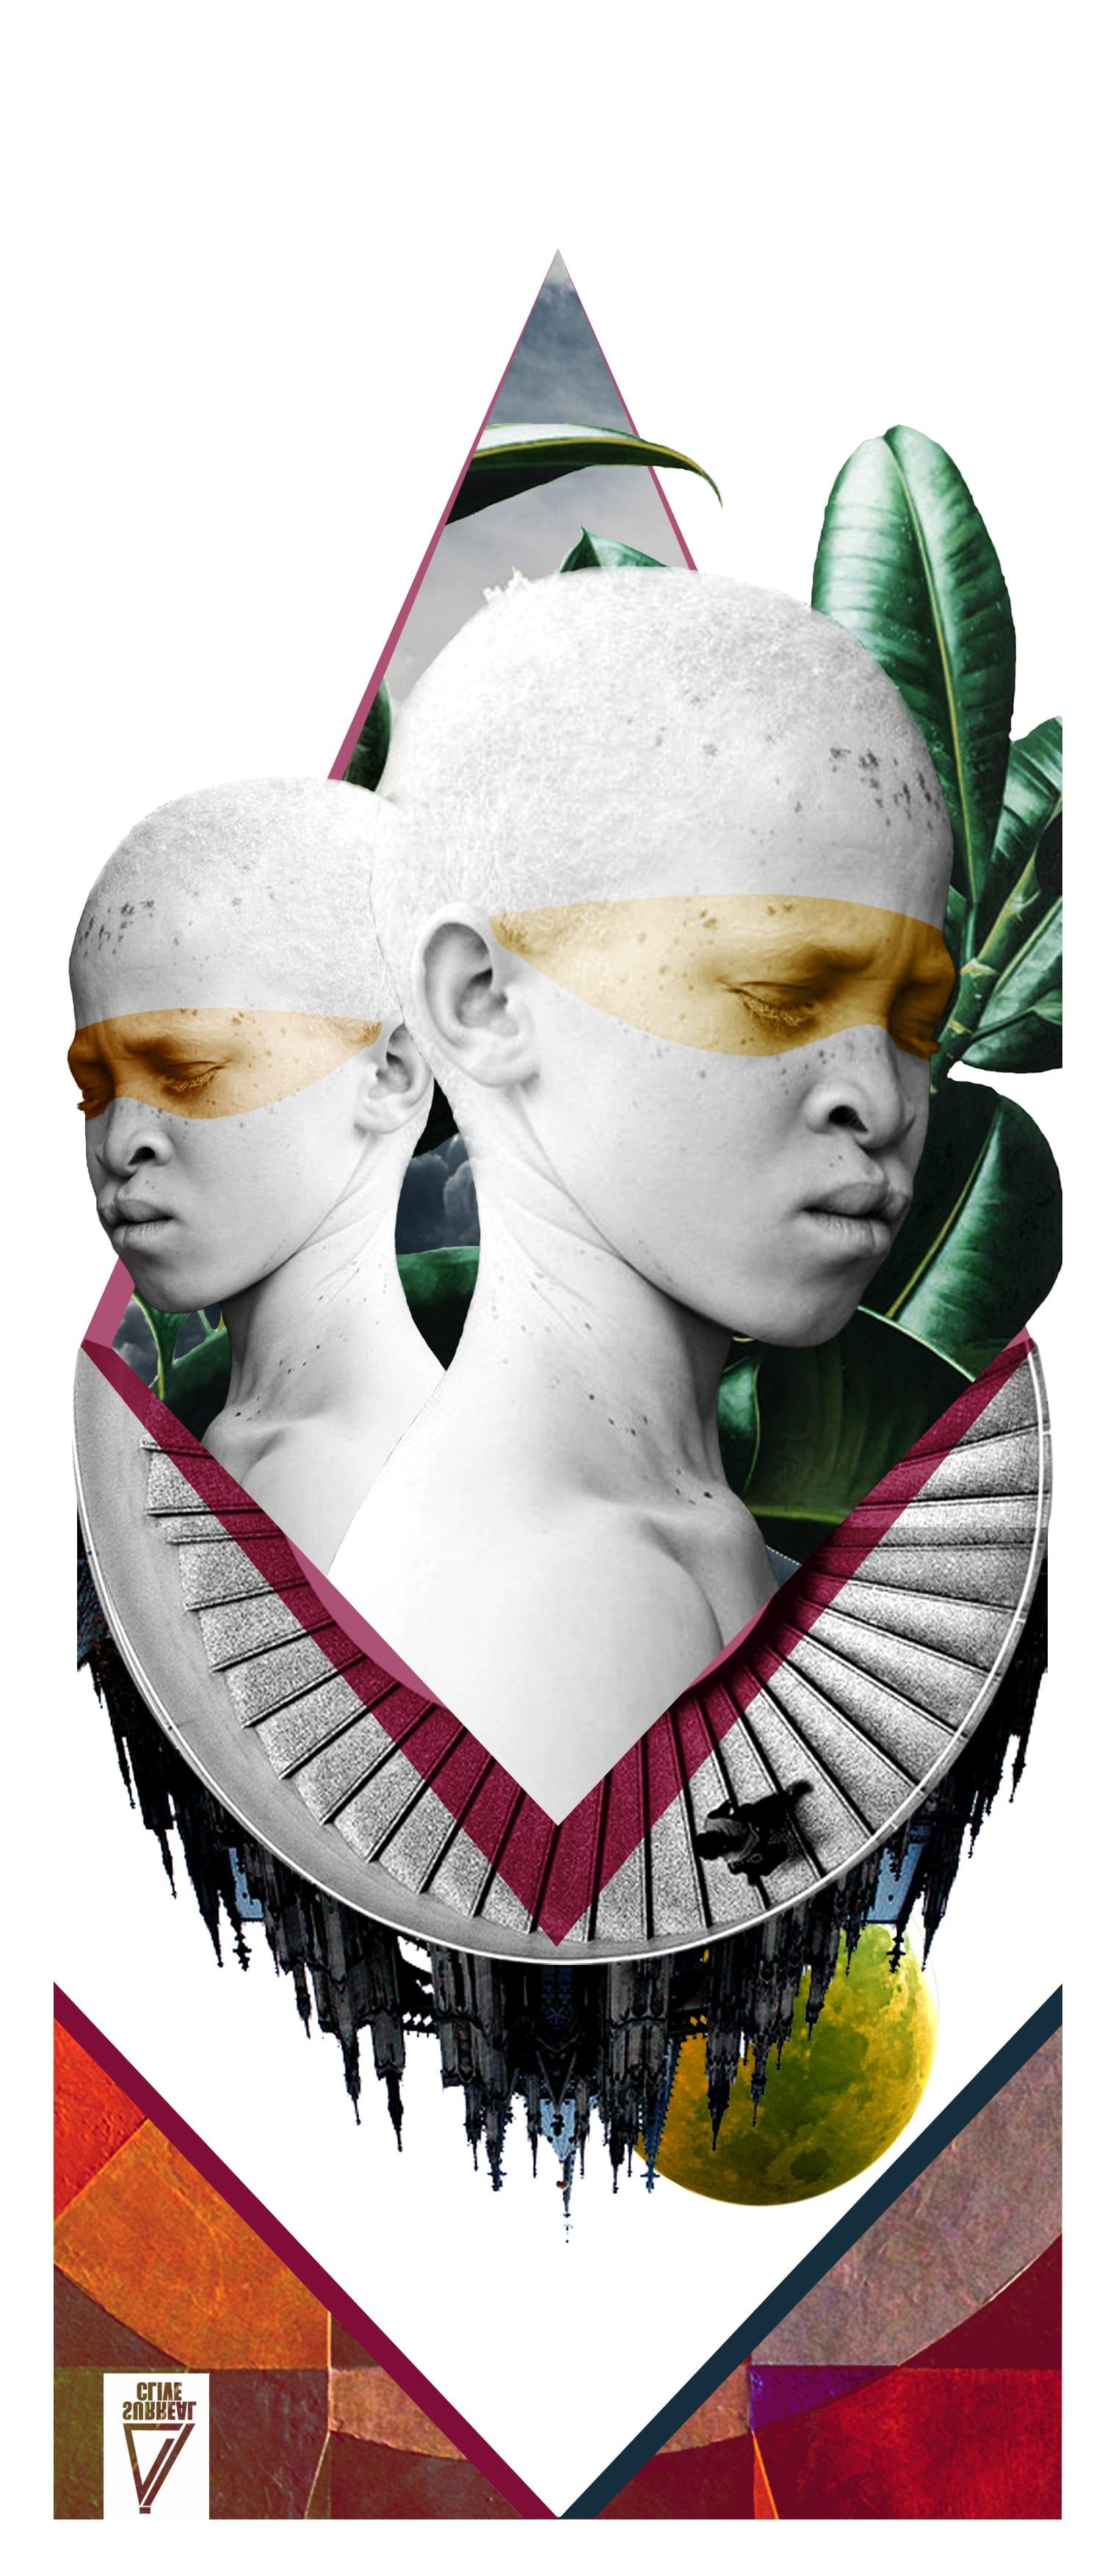 Boy Wonder © Clivert Thibela